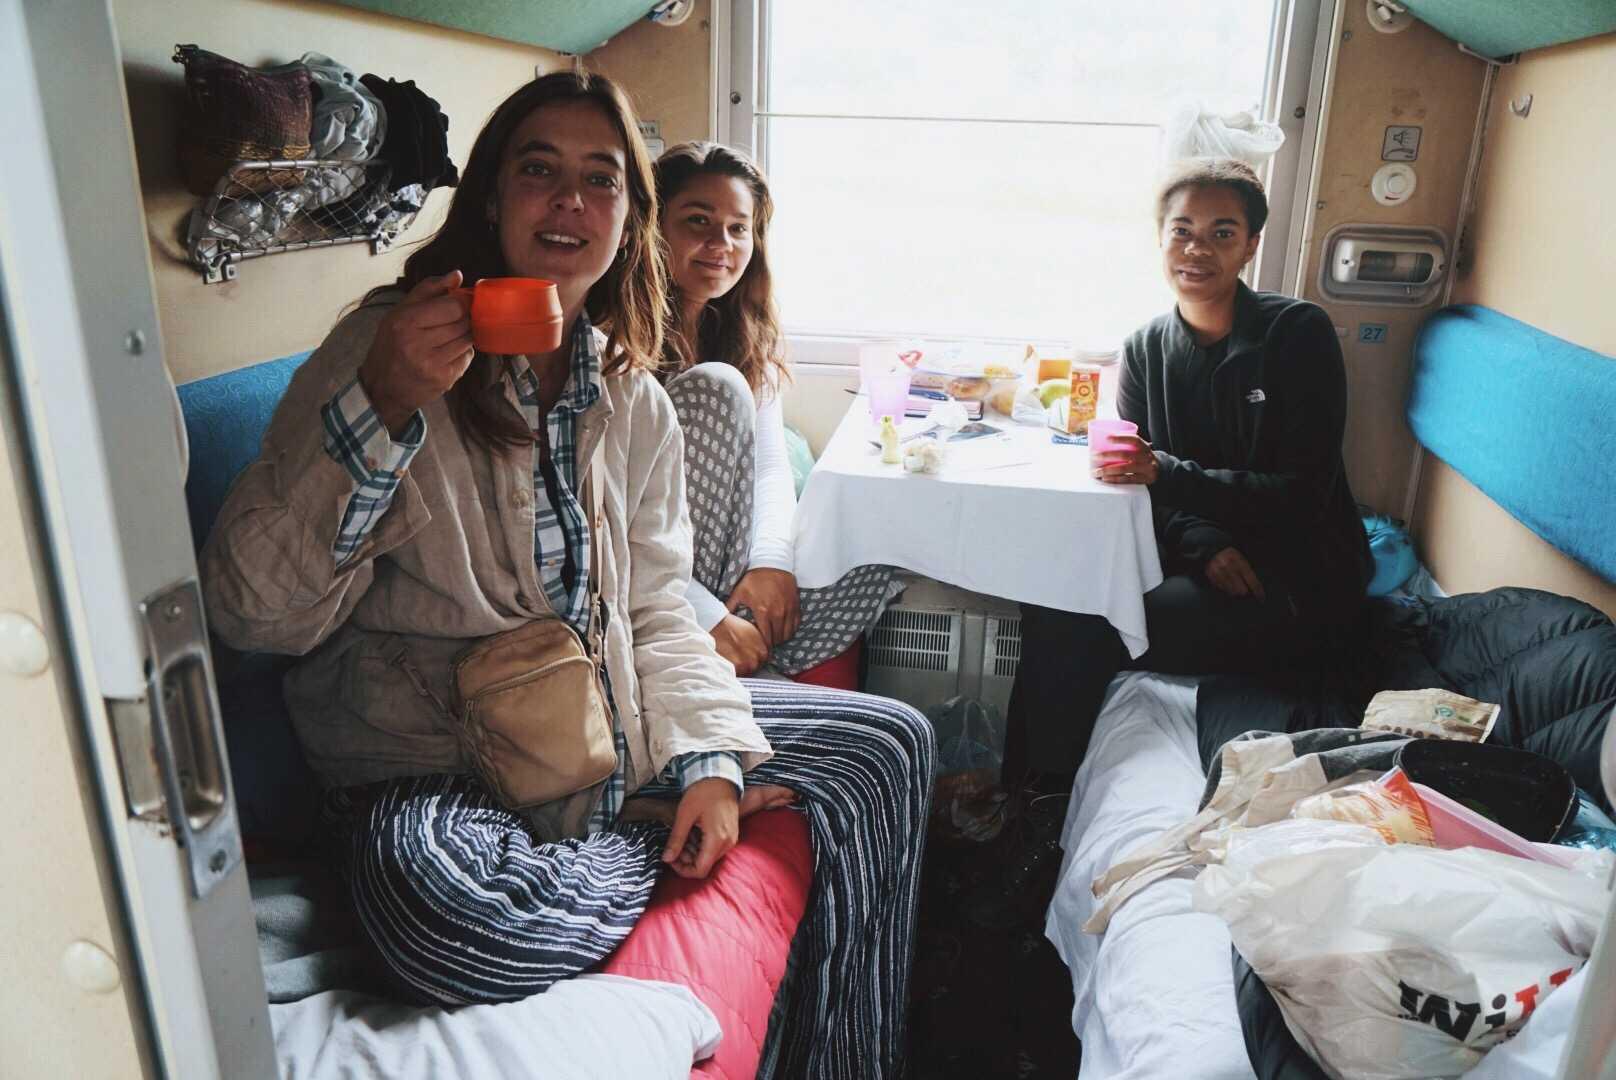 Sandy är sällan ensam när hon reser. Här med två danskar som hon träffade på tåget.